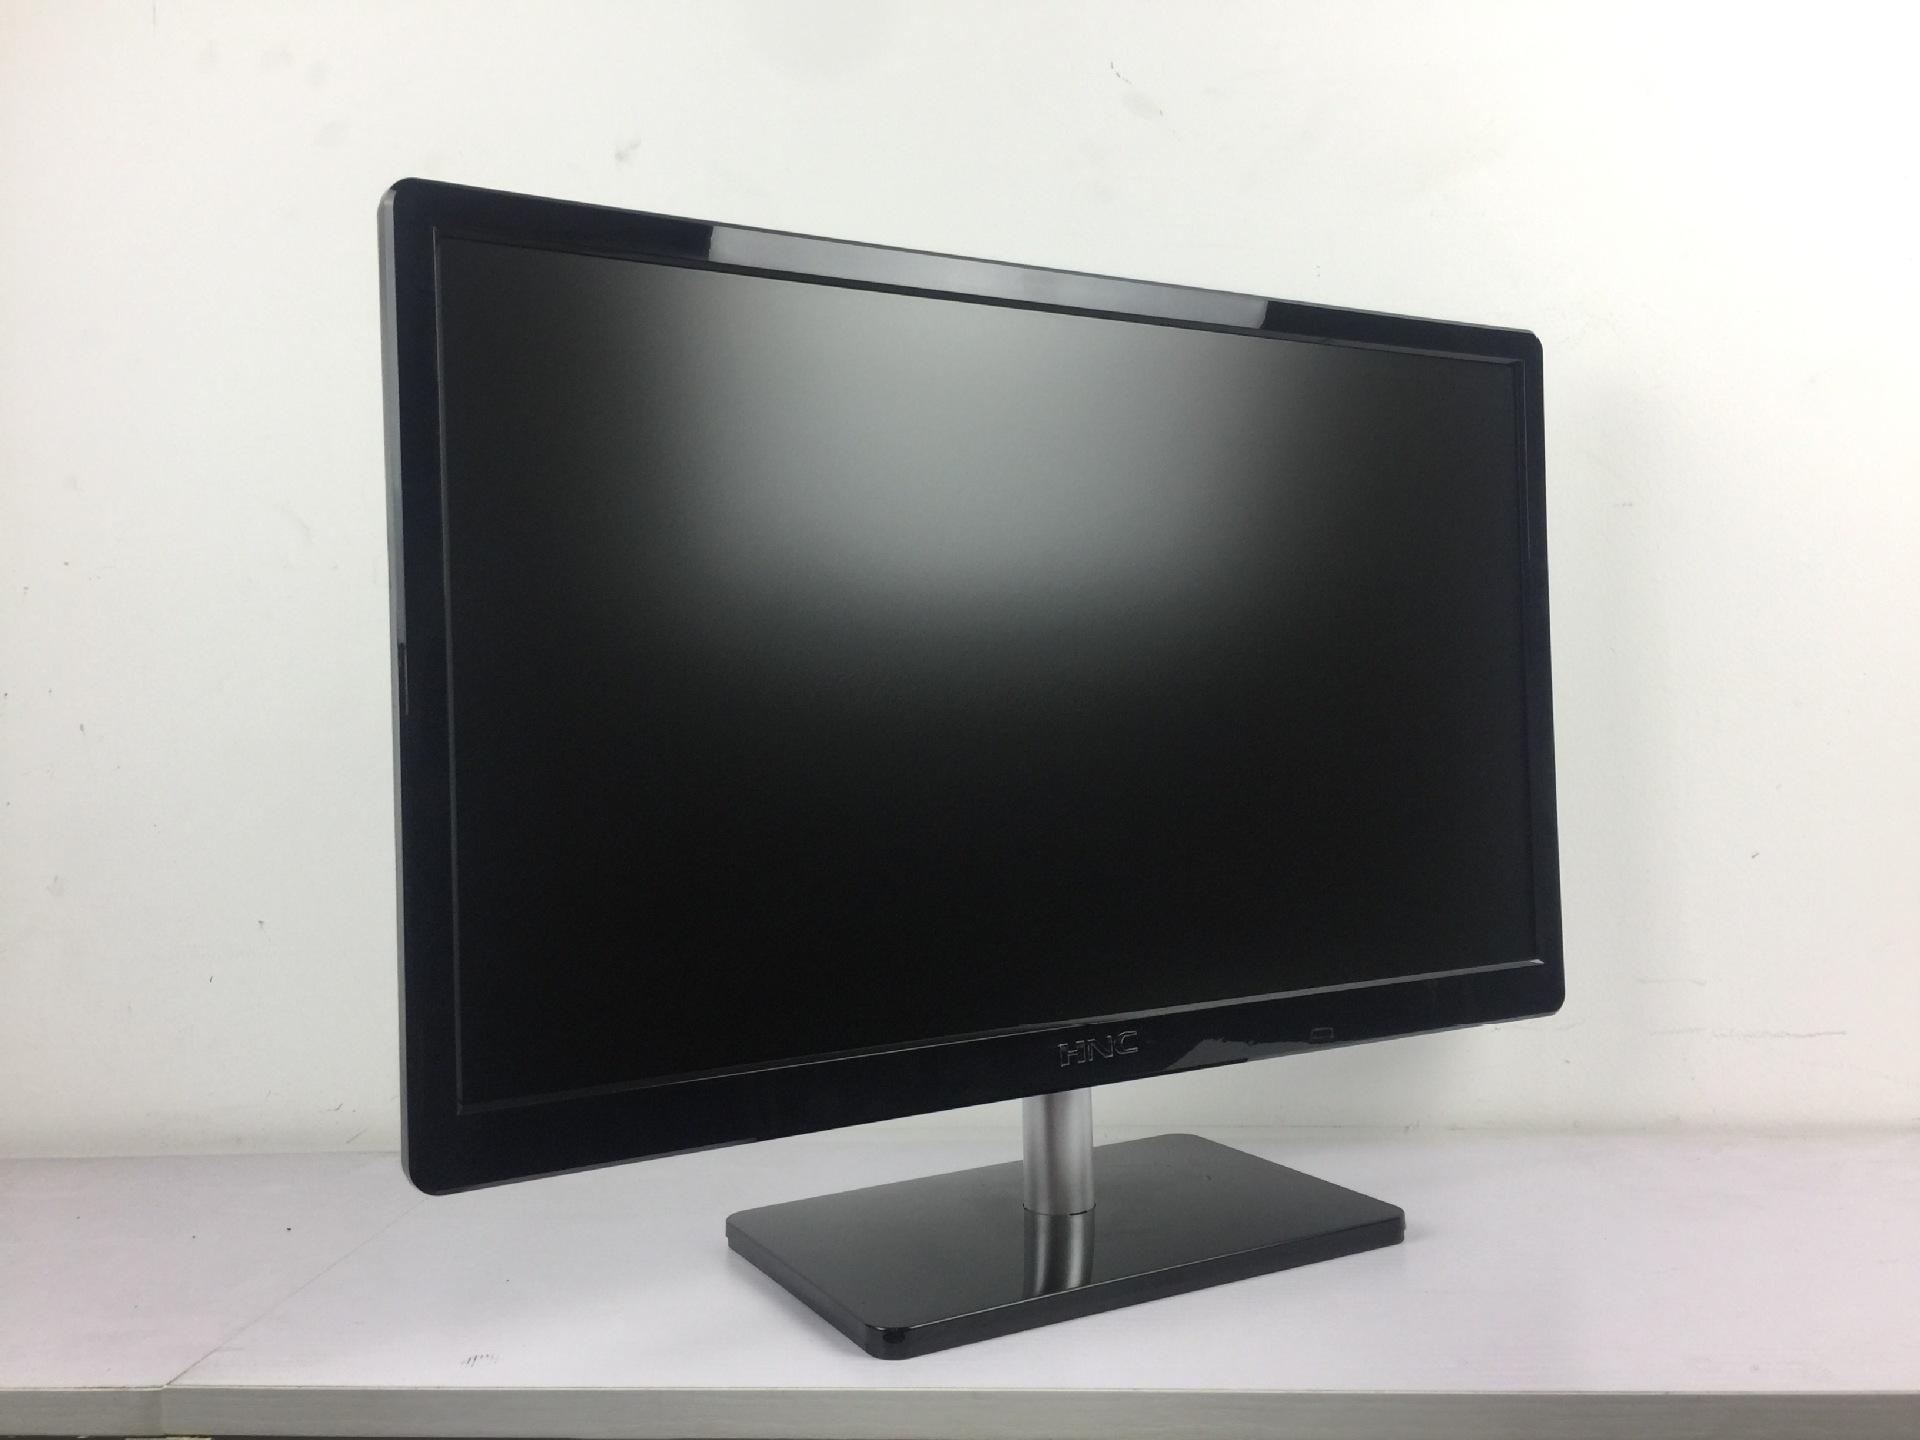 Màn hình máy tính LCD 19 inch 18.5 inch